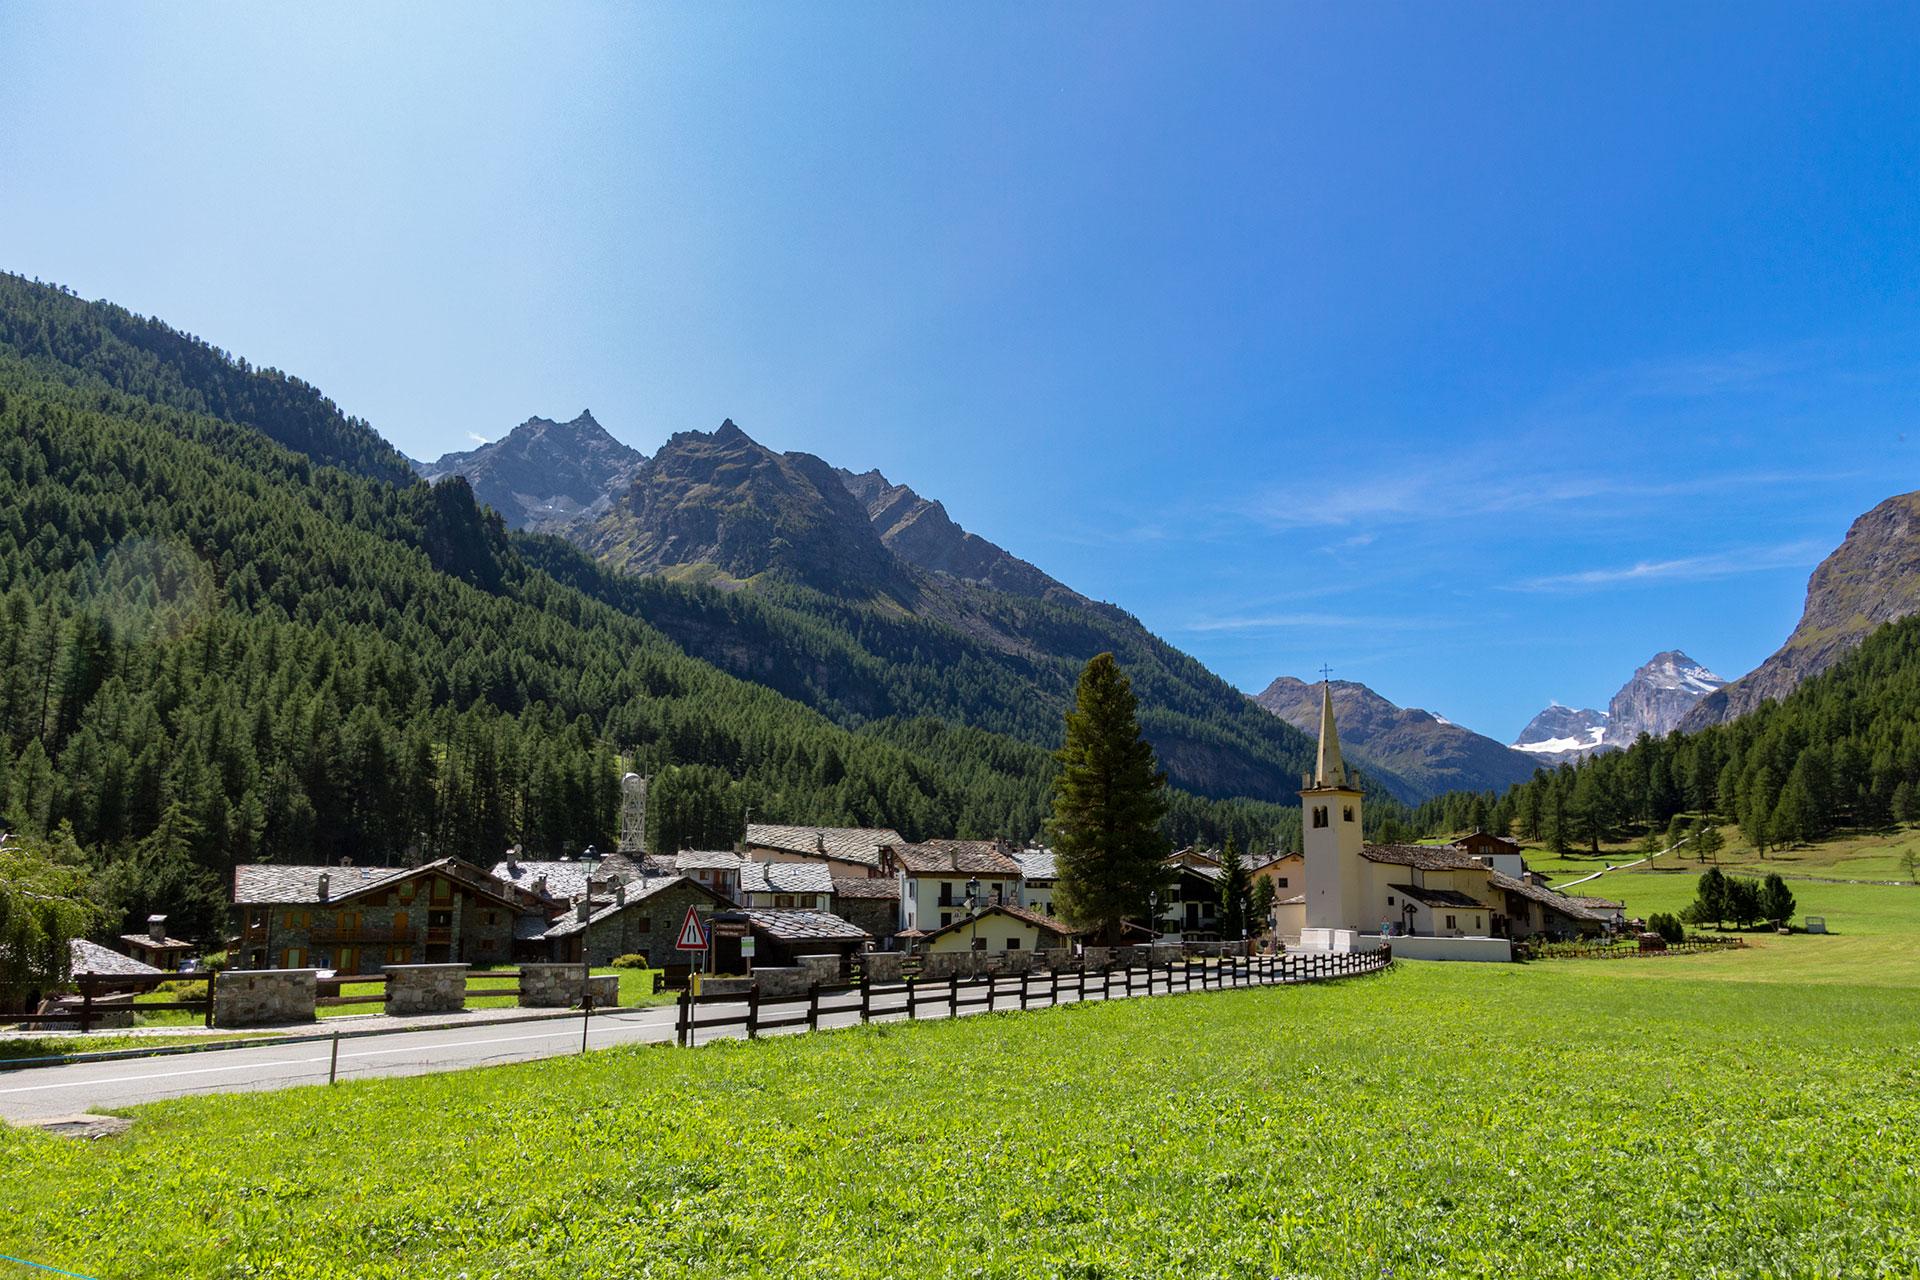 Startpunkt der heutigen Wanderung ist das idyllische gelegene Rhêmes-Notre-Dame im Rhêmes-Tal, einem Nebental des Aostatals.